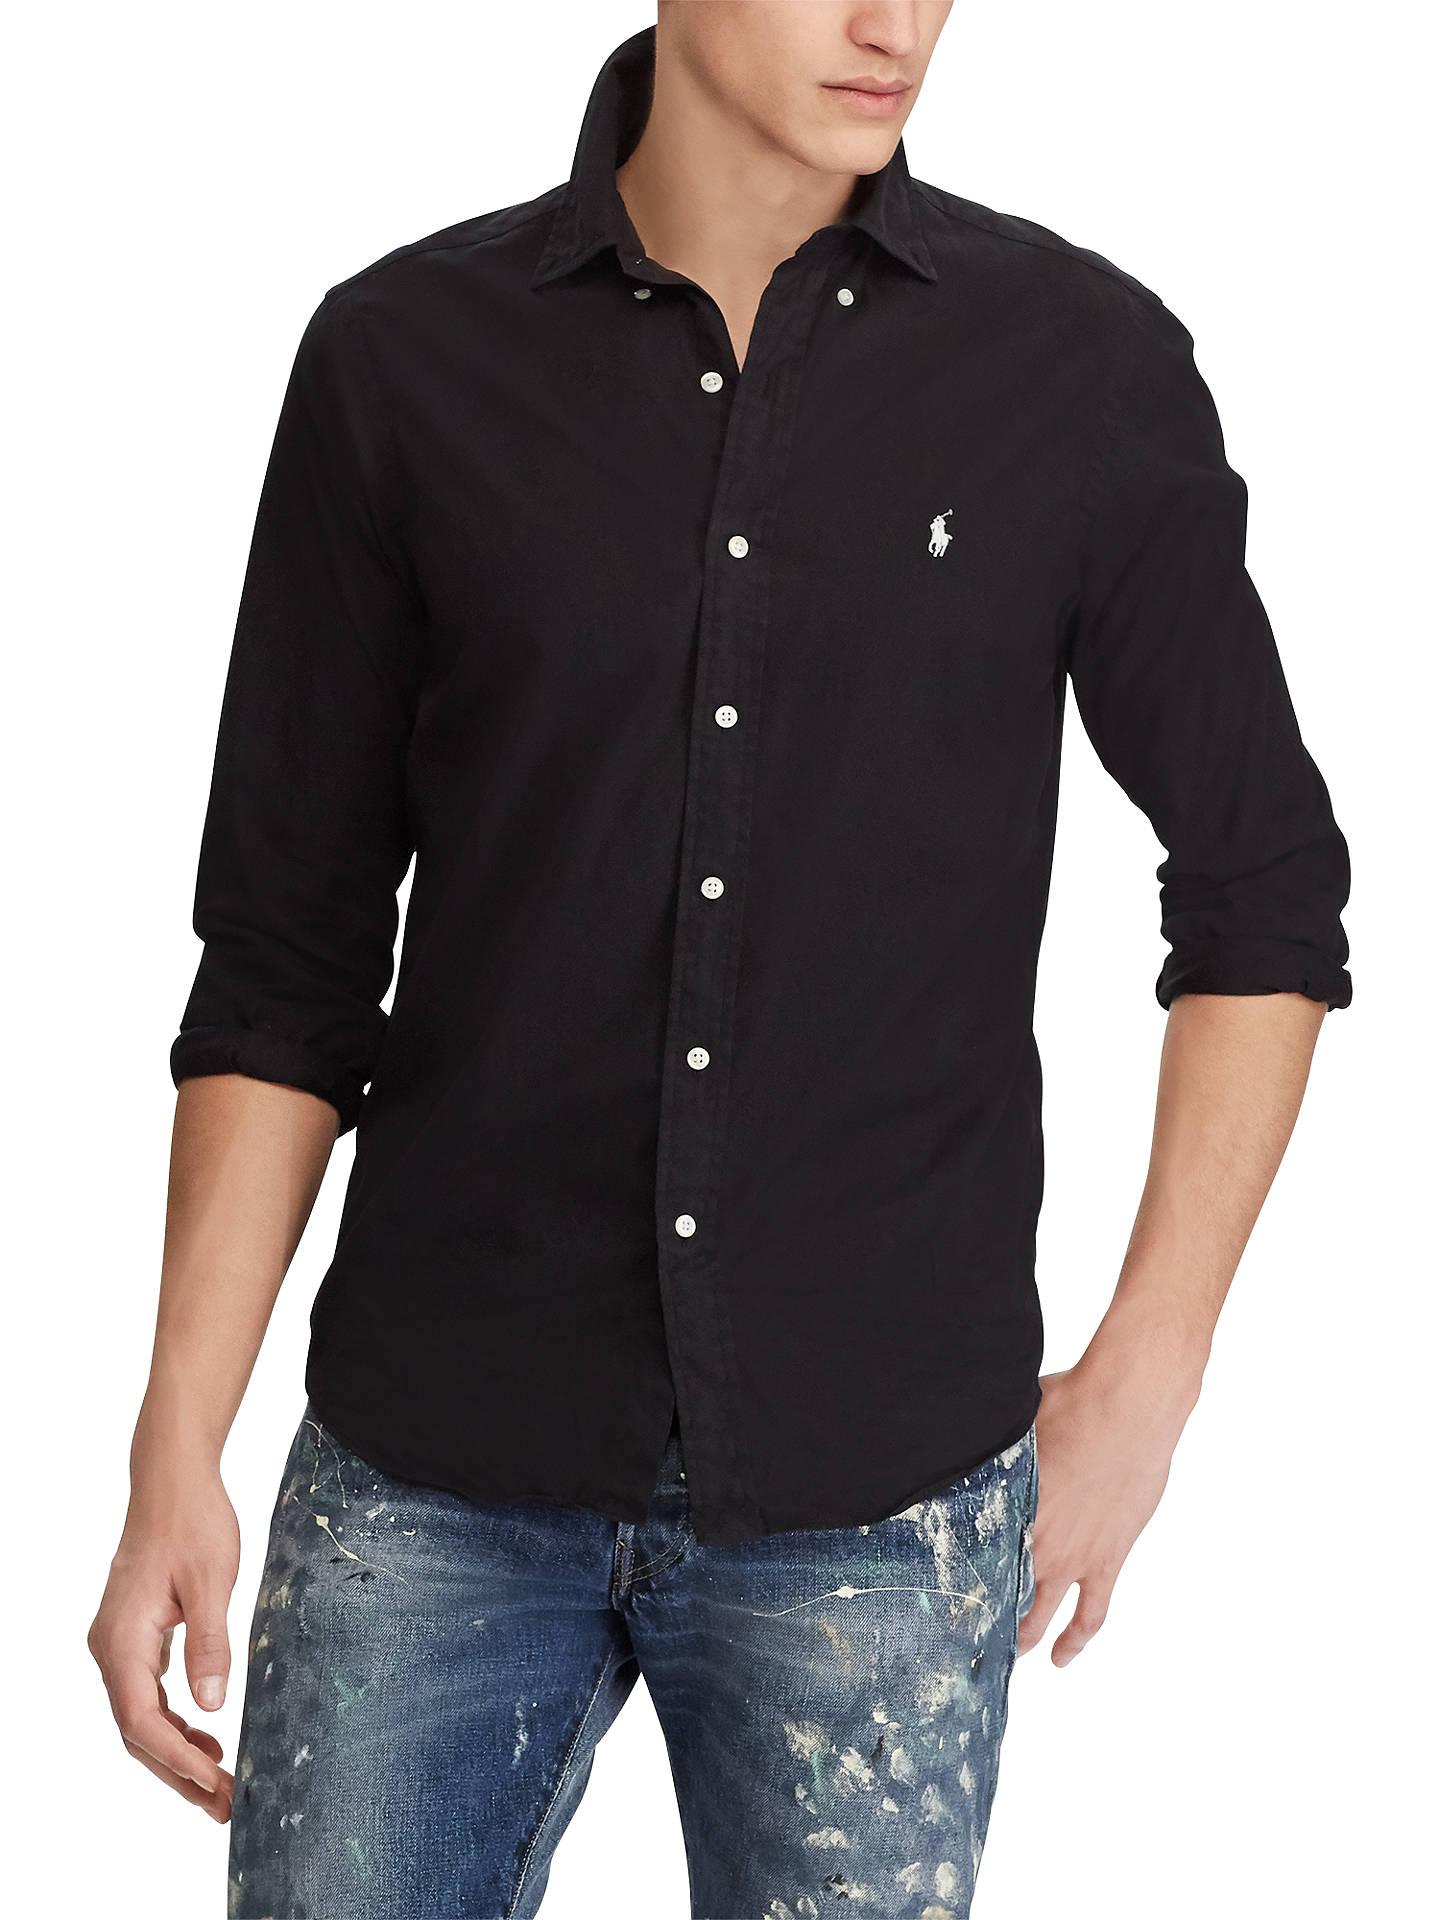 de81de26d171 Polo Ralph Lauren Long Sleeve Shirt at John Lewis   Partners